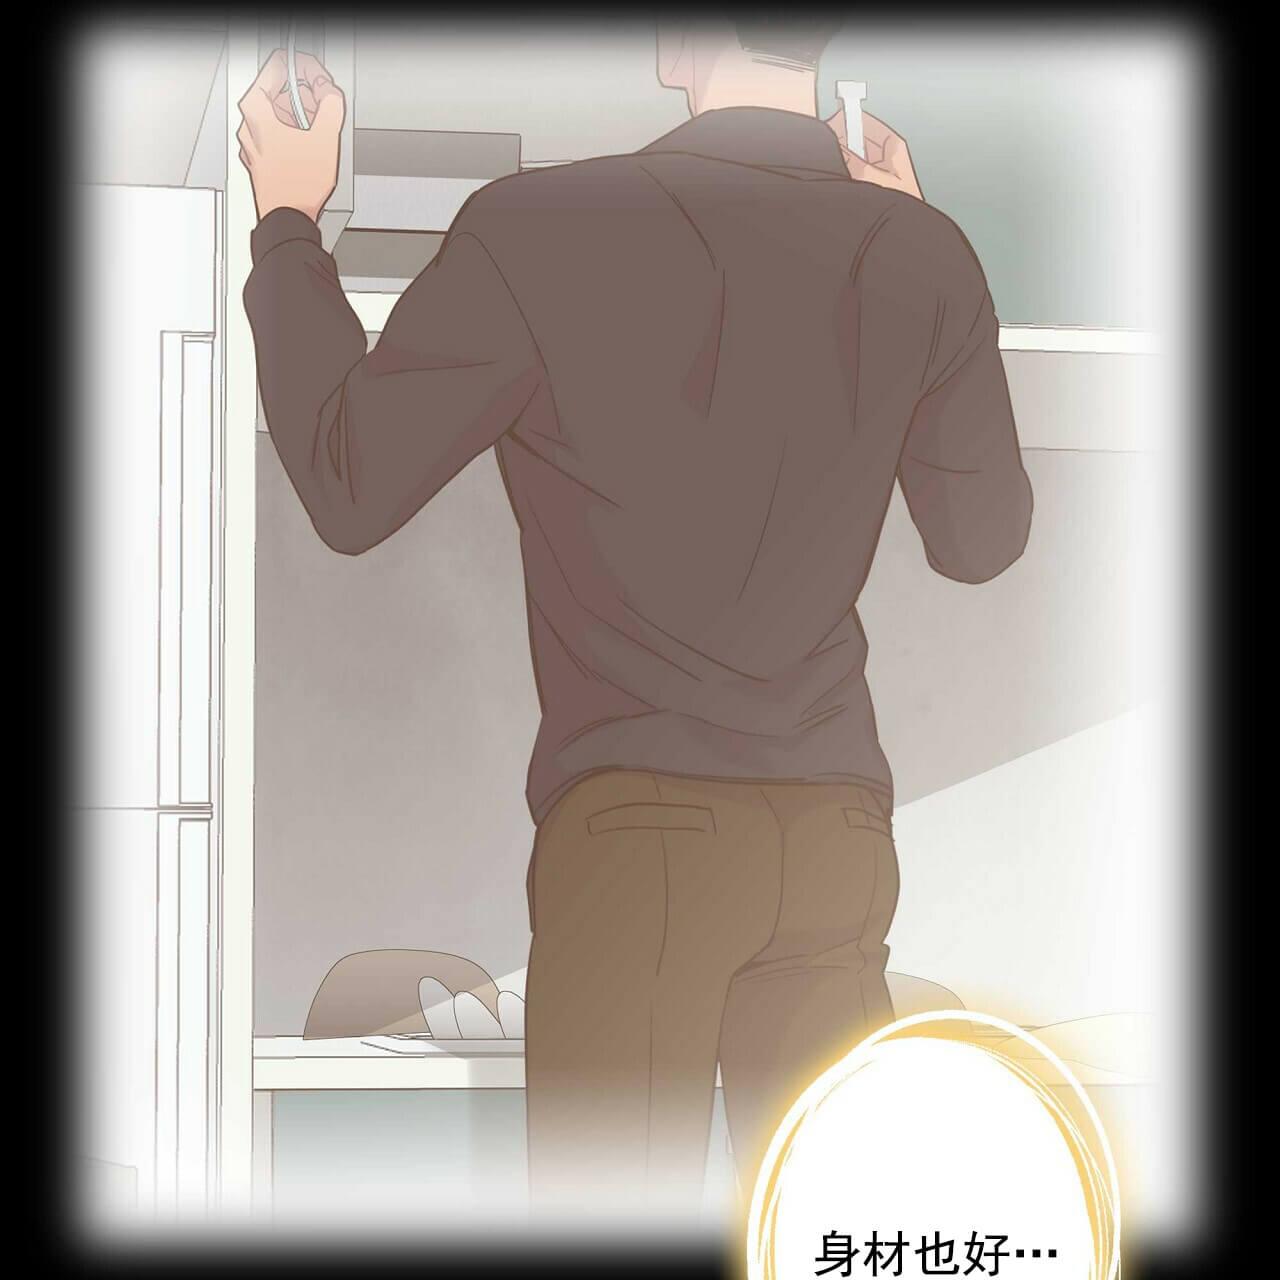 韩漫 |《恋爱杀虫剂》一场由杀虫剂开启的恋爱罗曼史~  第16张